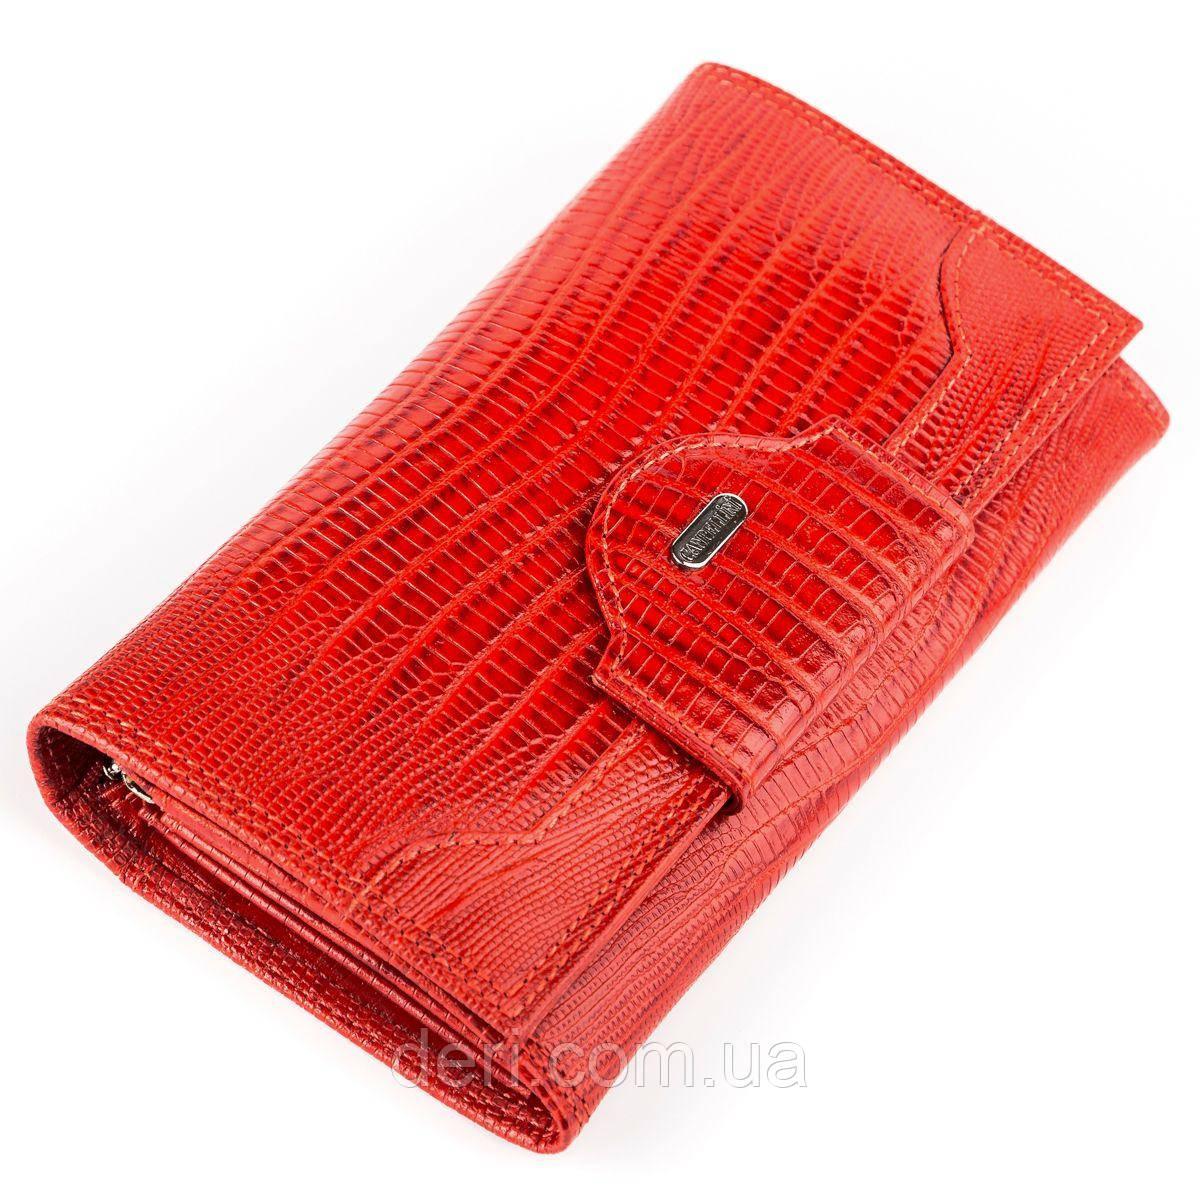 Кошелек женский CANPELLINI кожаный Красный, Красный